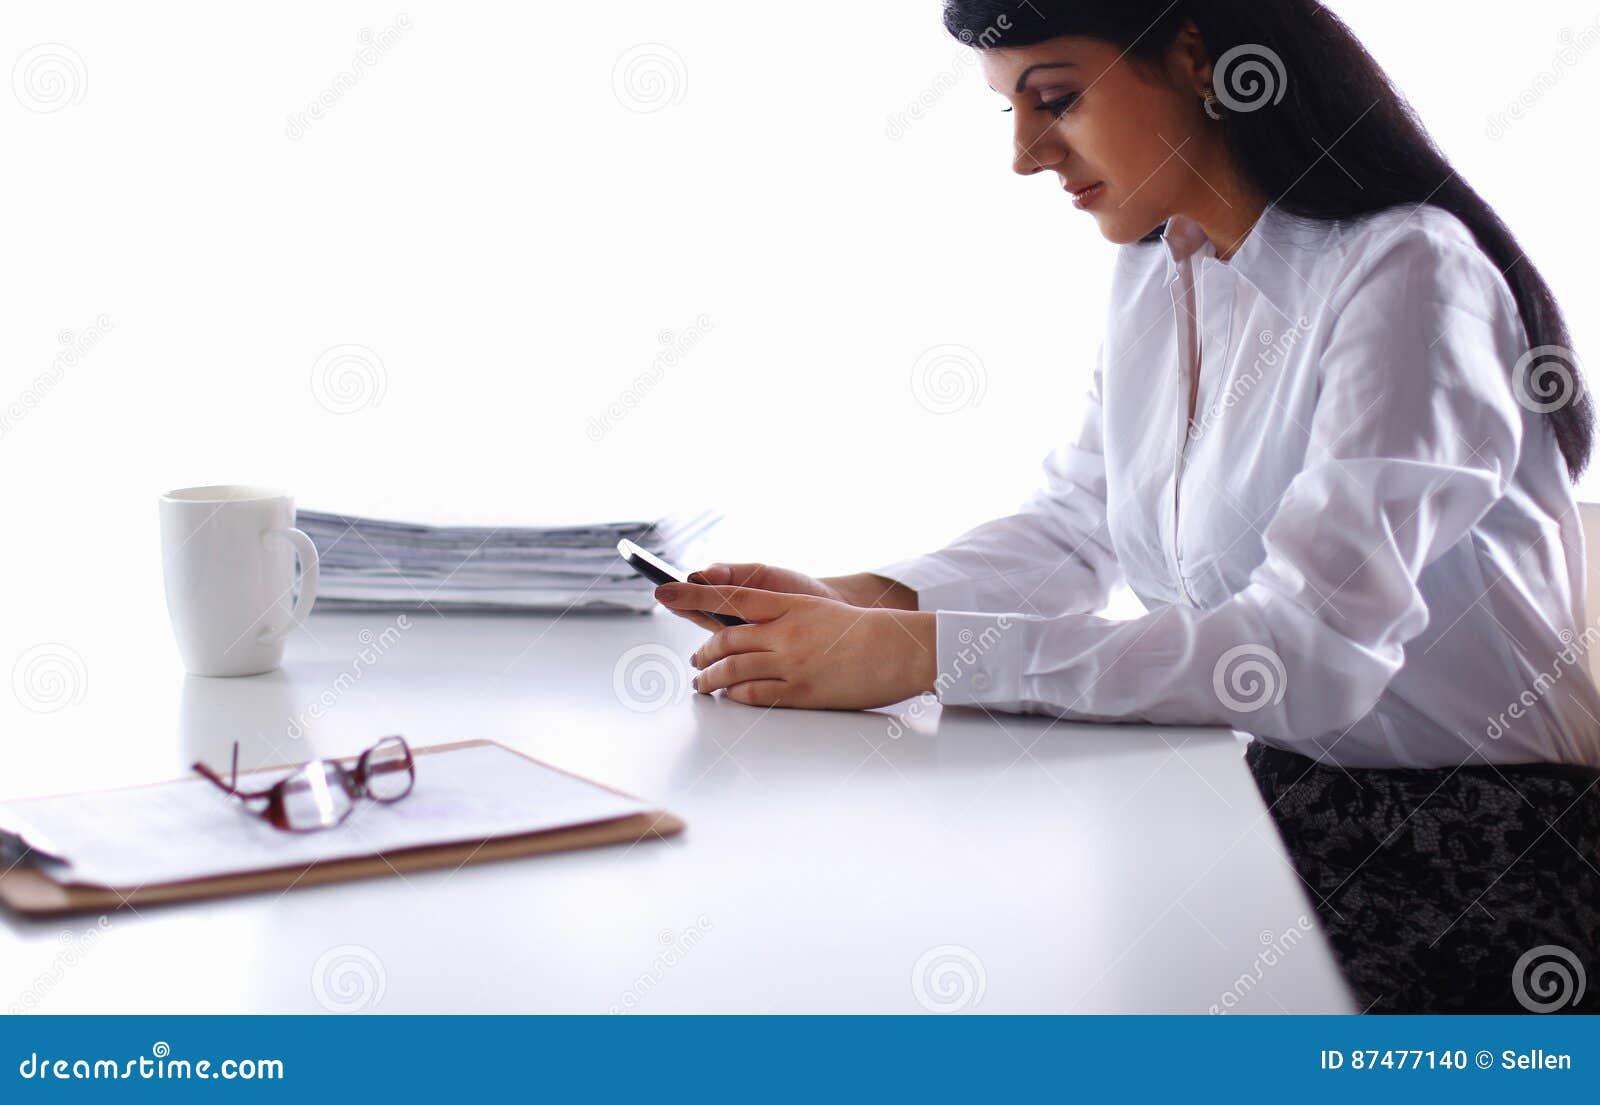 Женщина при документы сидя на столе